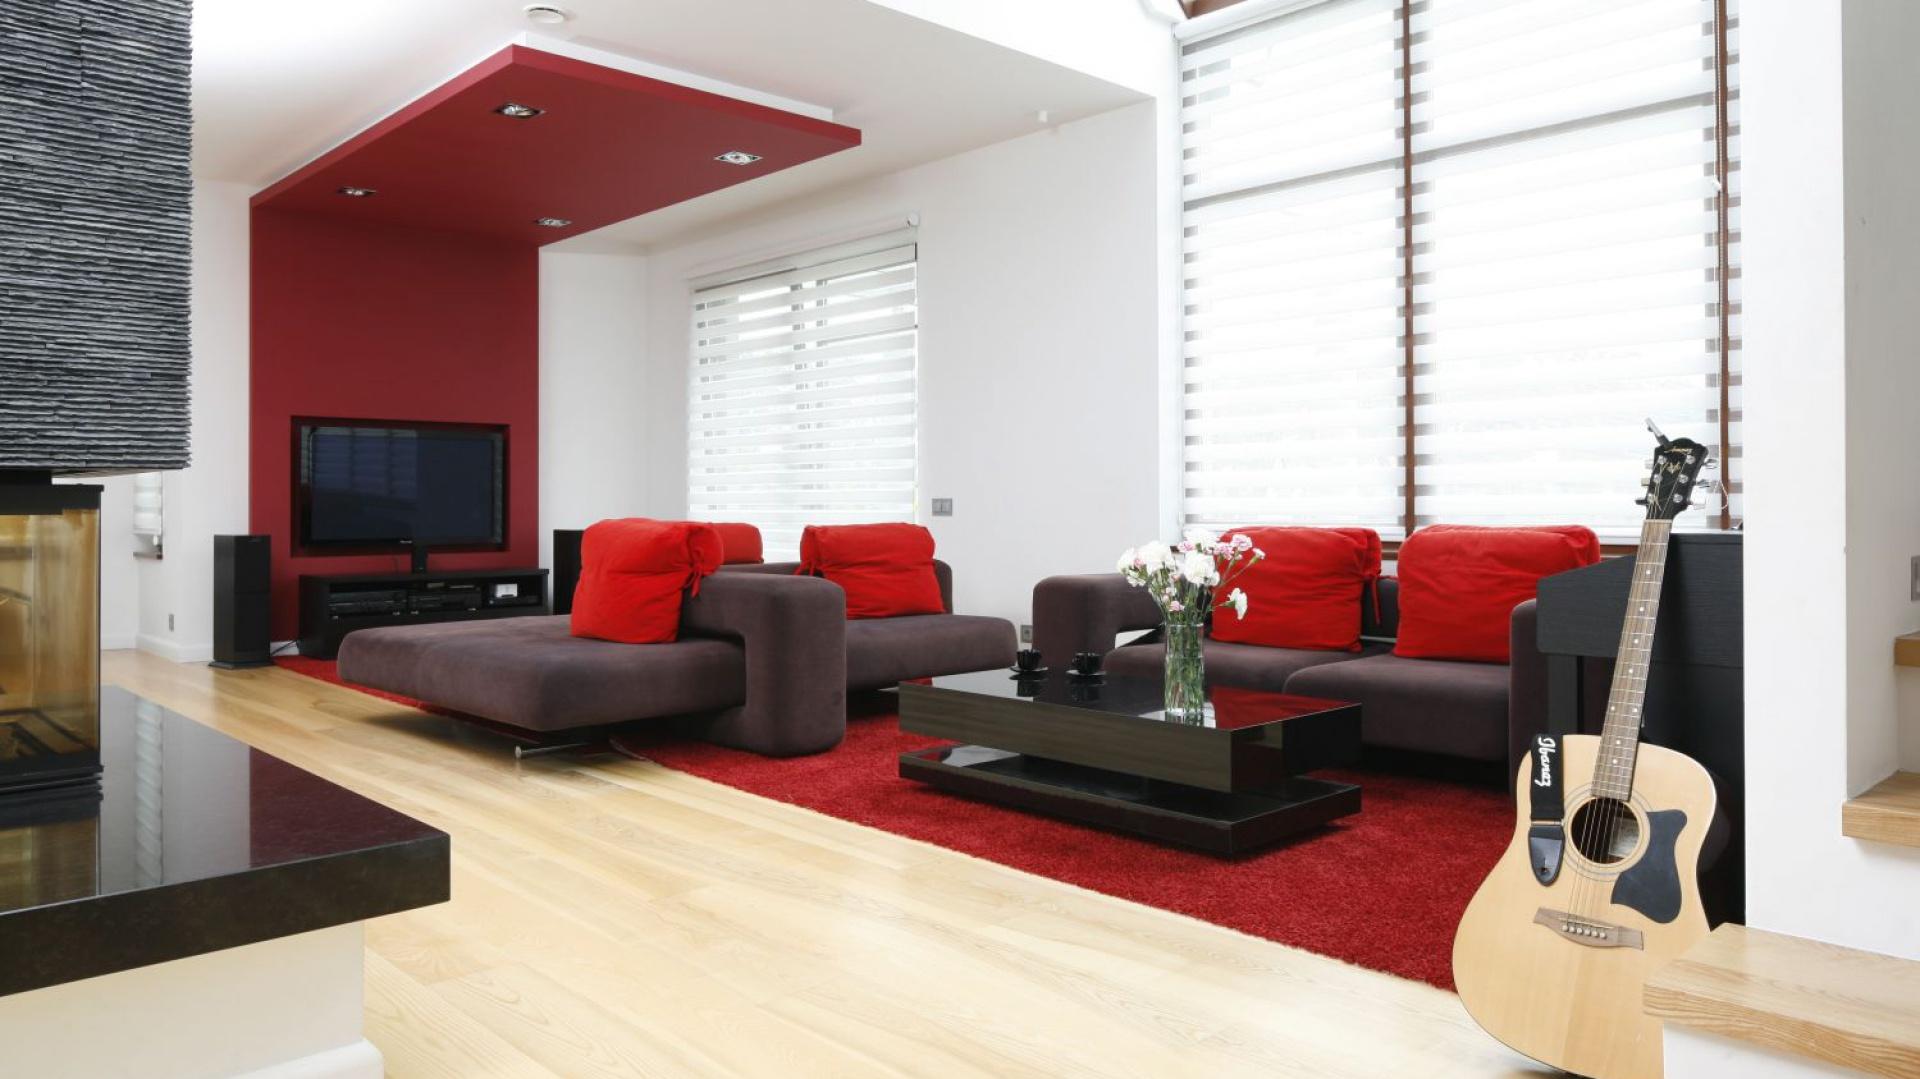 Salon ma wysokość dwóch pięter. Dominuje w nim czerń i biel, które ożywia czerwień. Zdobi ona nie tylko nowoczesne kanapy, ale też ściany i podłogi. Projekt: Michał Mikołajczak. Fot. Bartosz Jarosz.